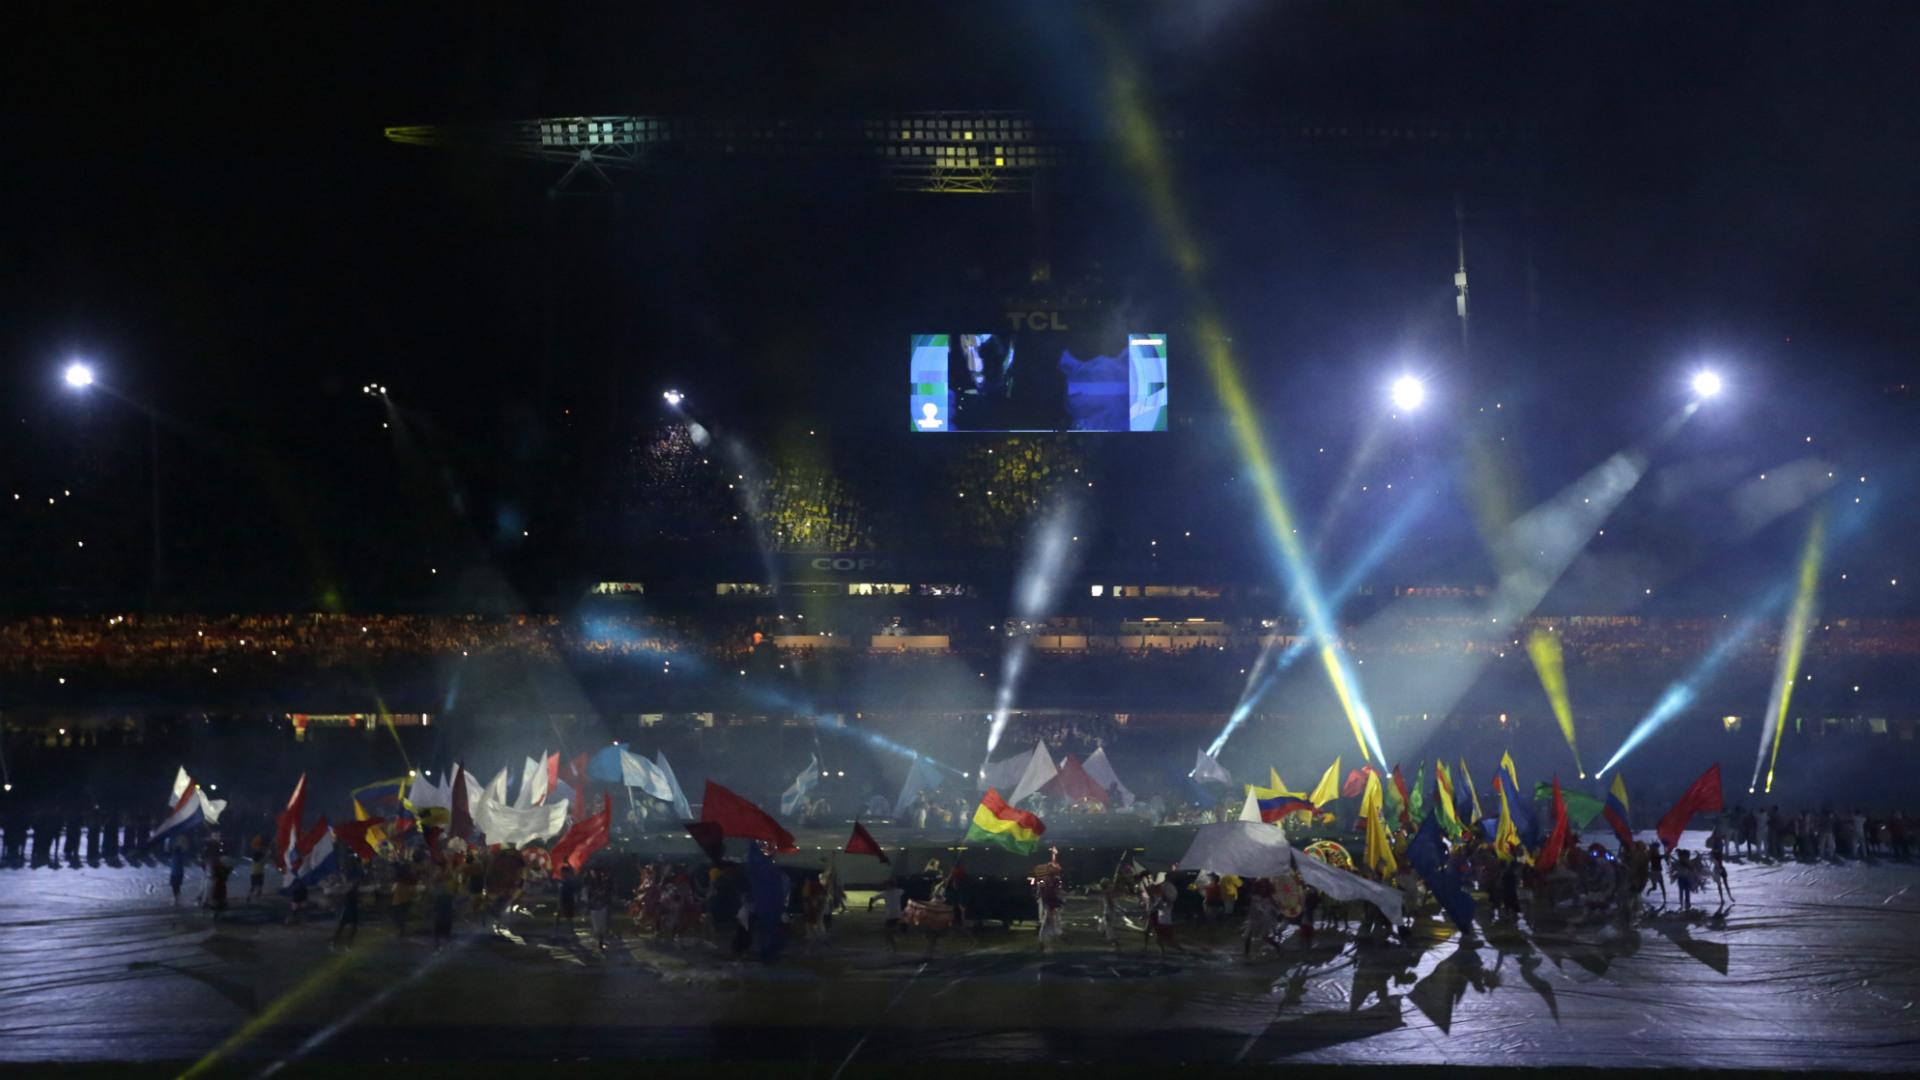 Copa America 2019 opening ceremony